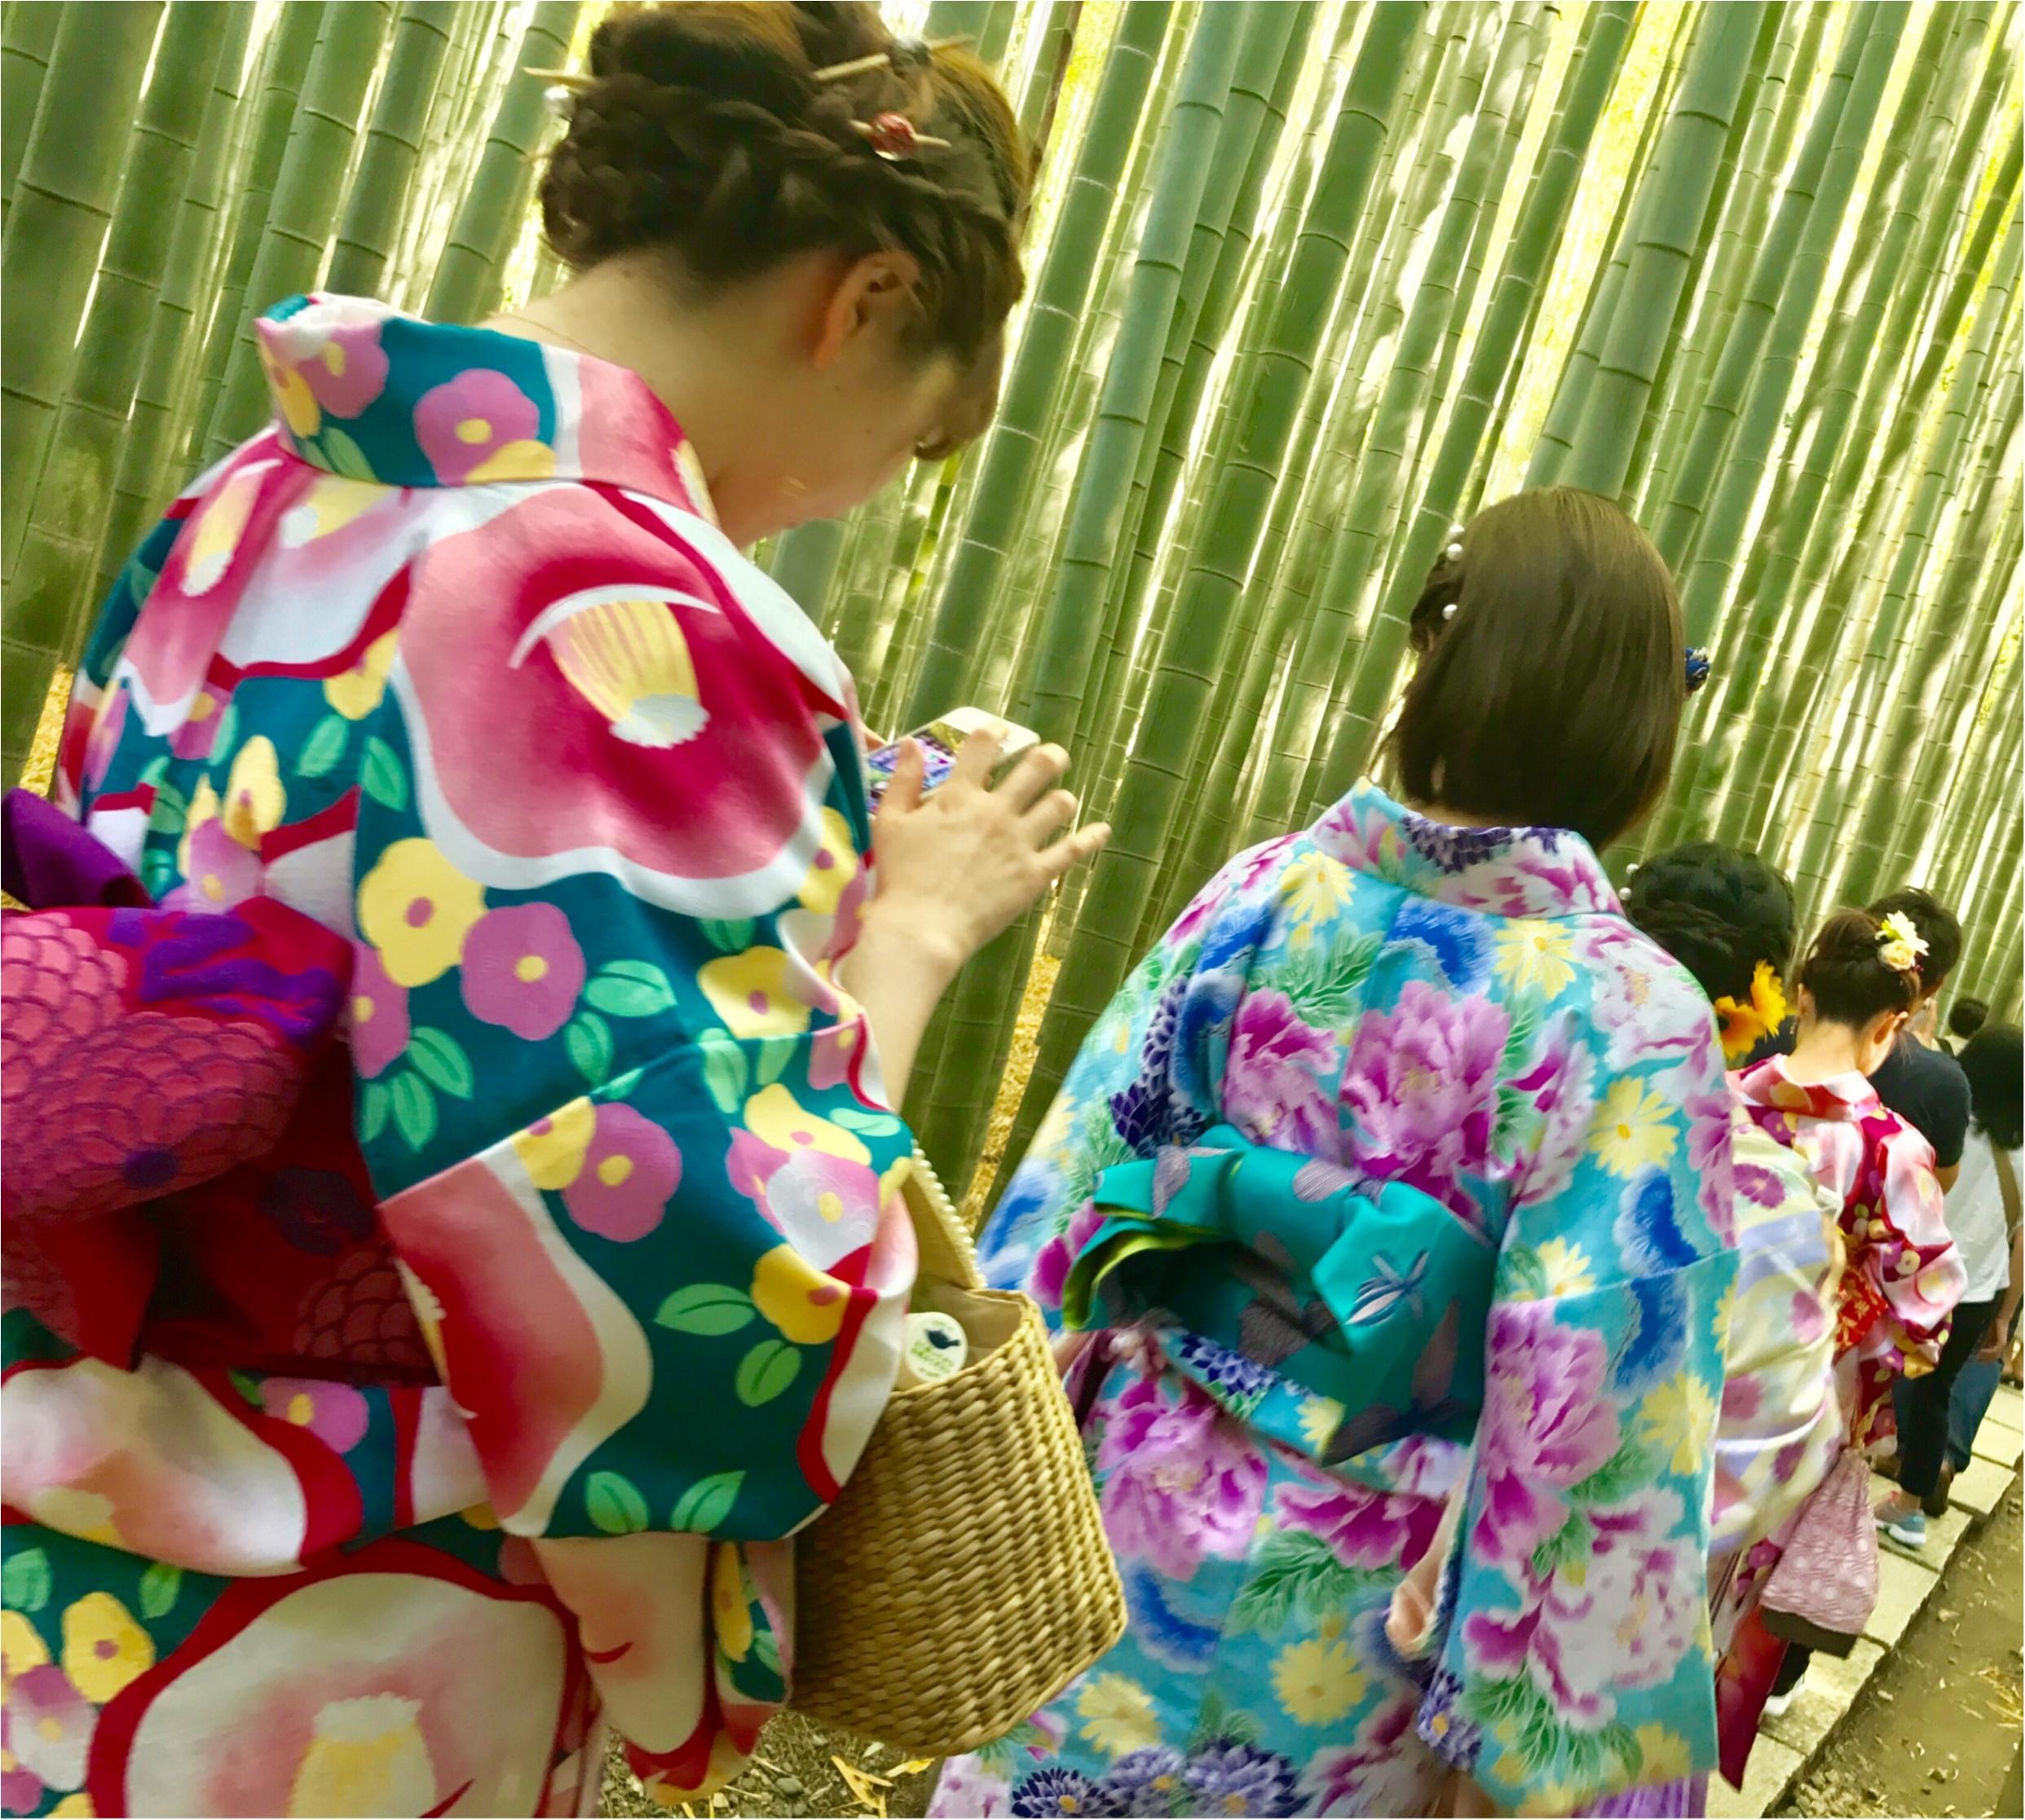 【鎌倉】着物で行きたいスポットNo.1♡フォトジェニックすぎる「報国寺」散策!_3